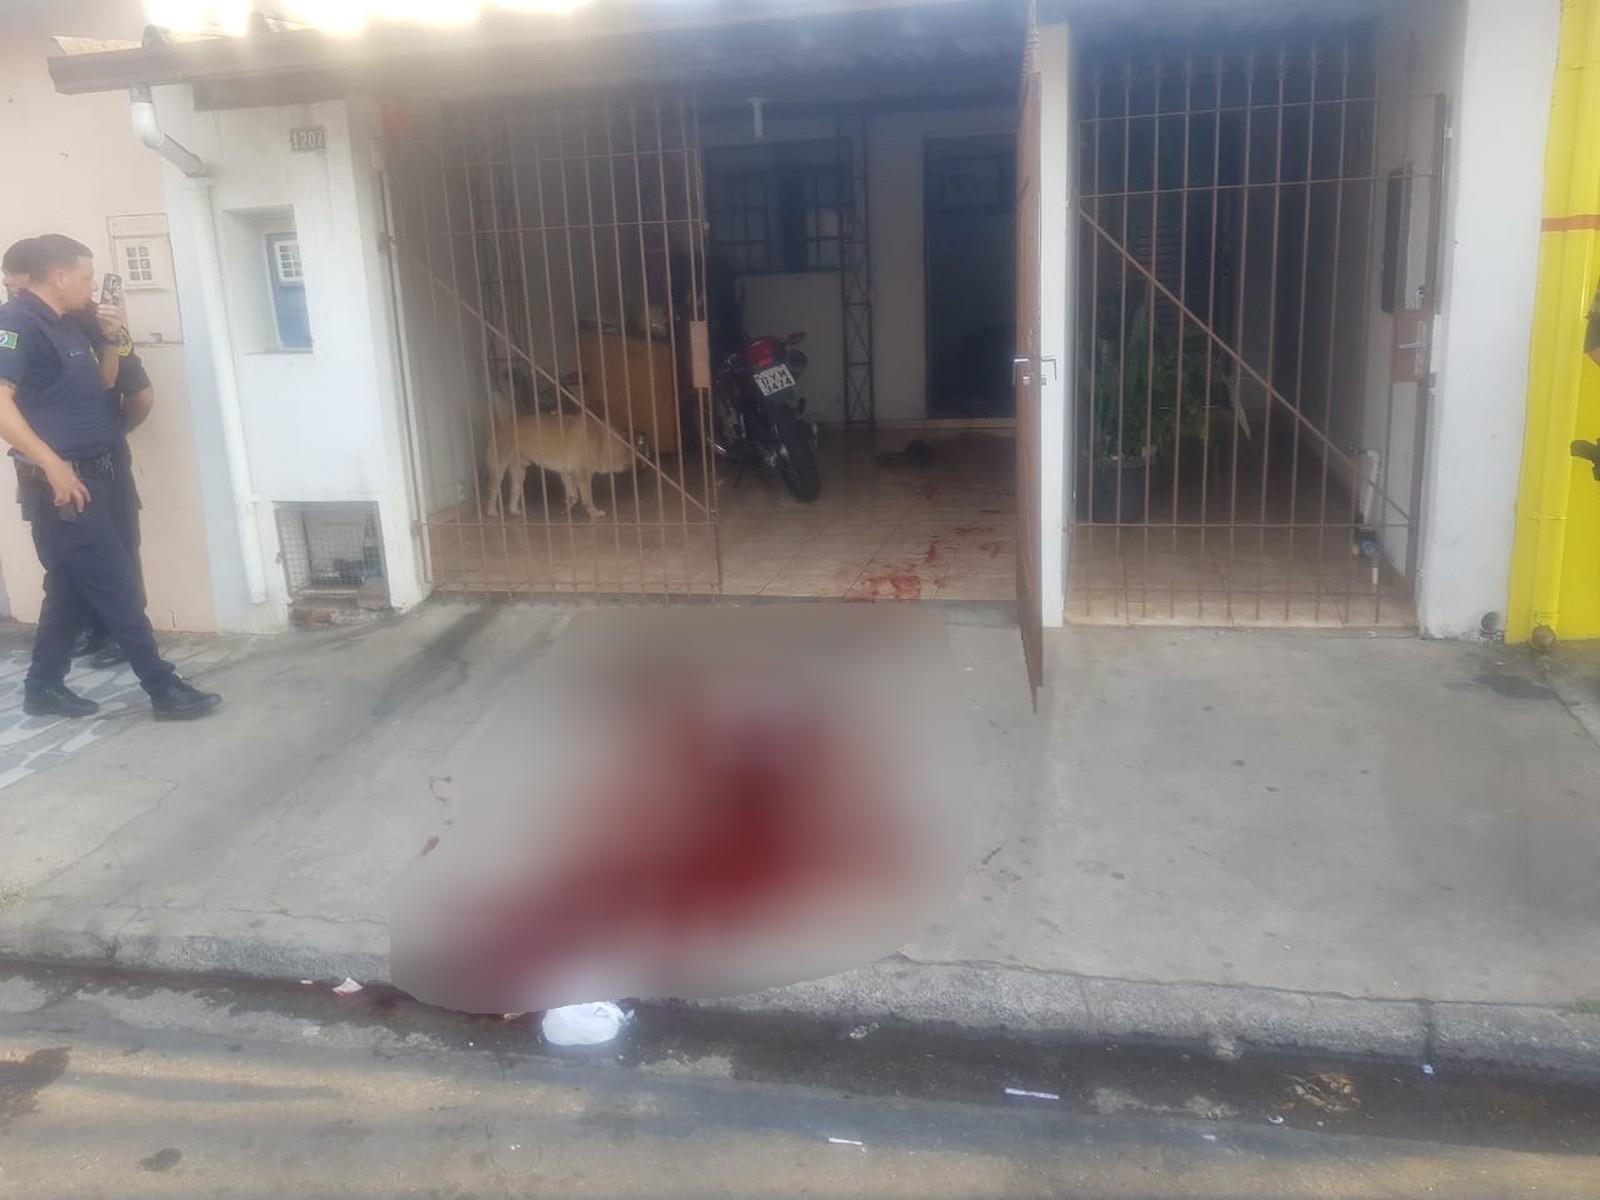 Filha de vítima de feminicídio em Piracicaba relata trauma do crime: 'saber que sou filha do assassino é difícil'